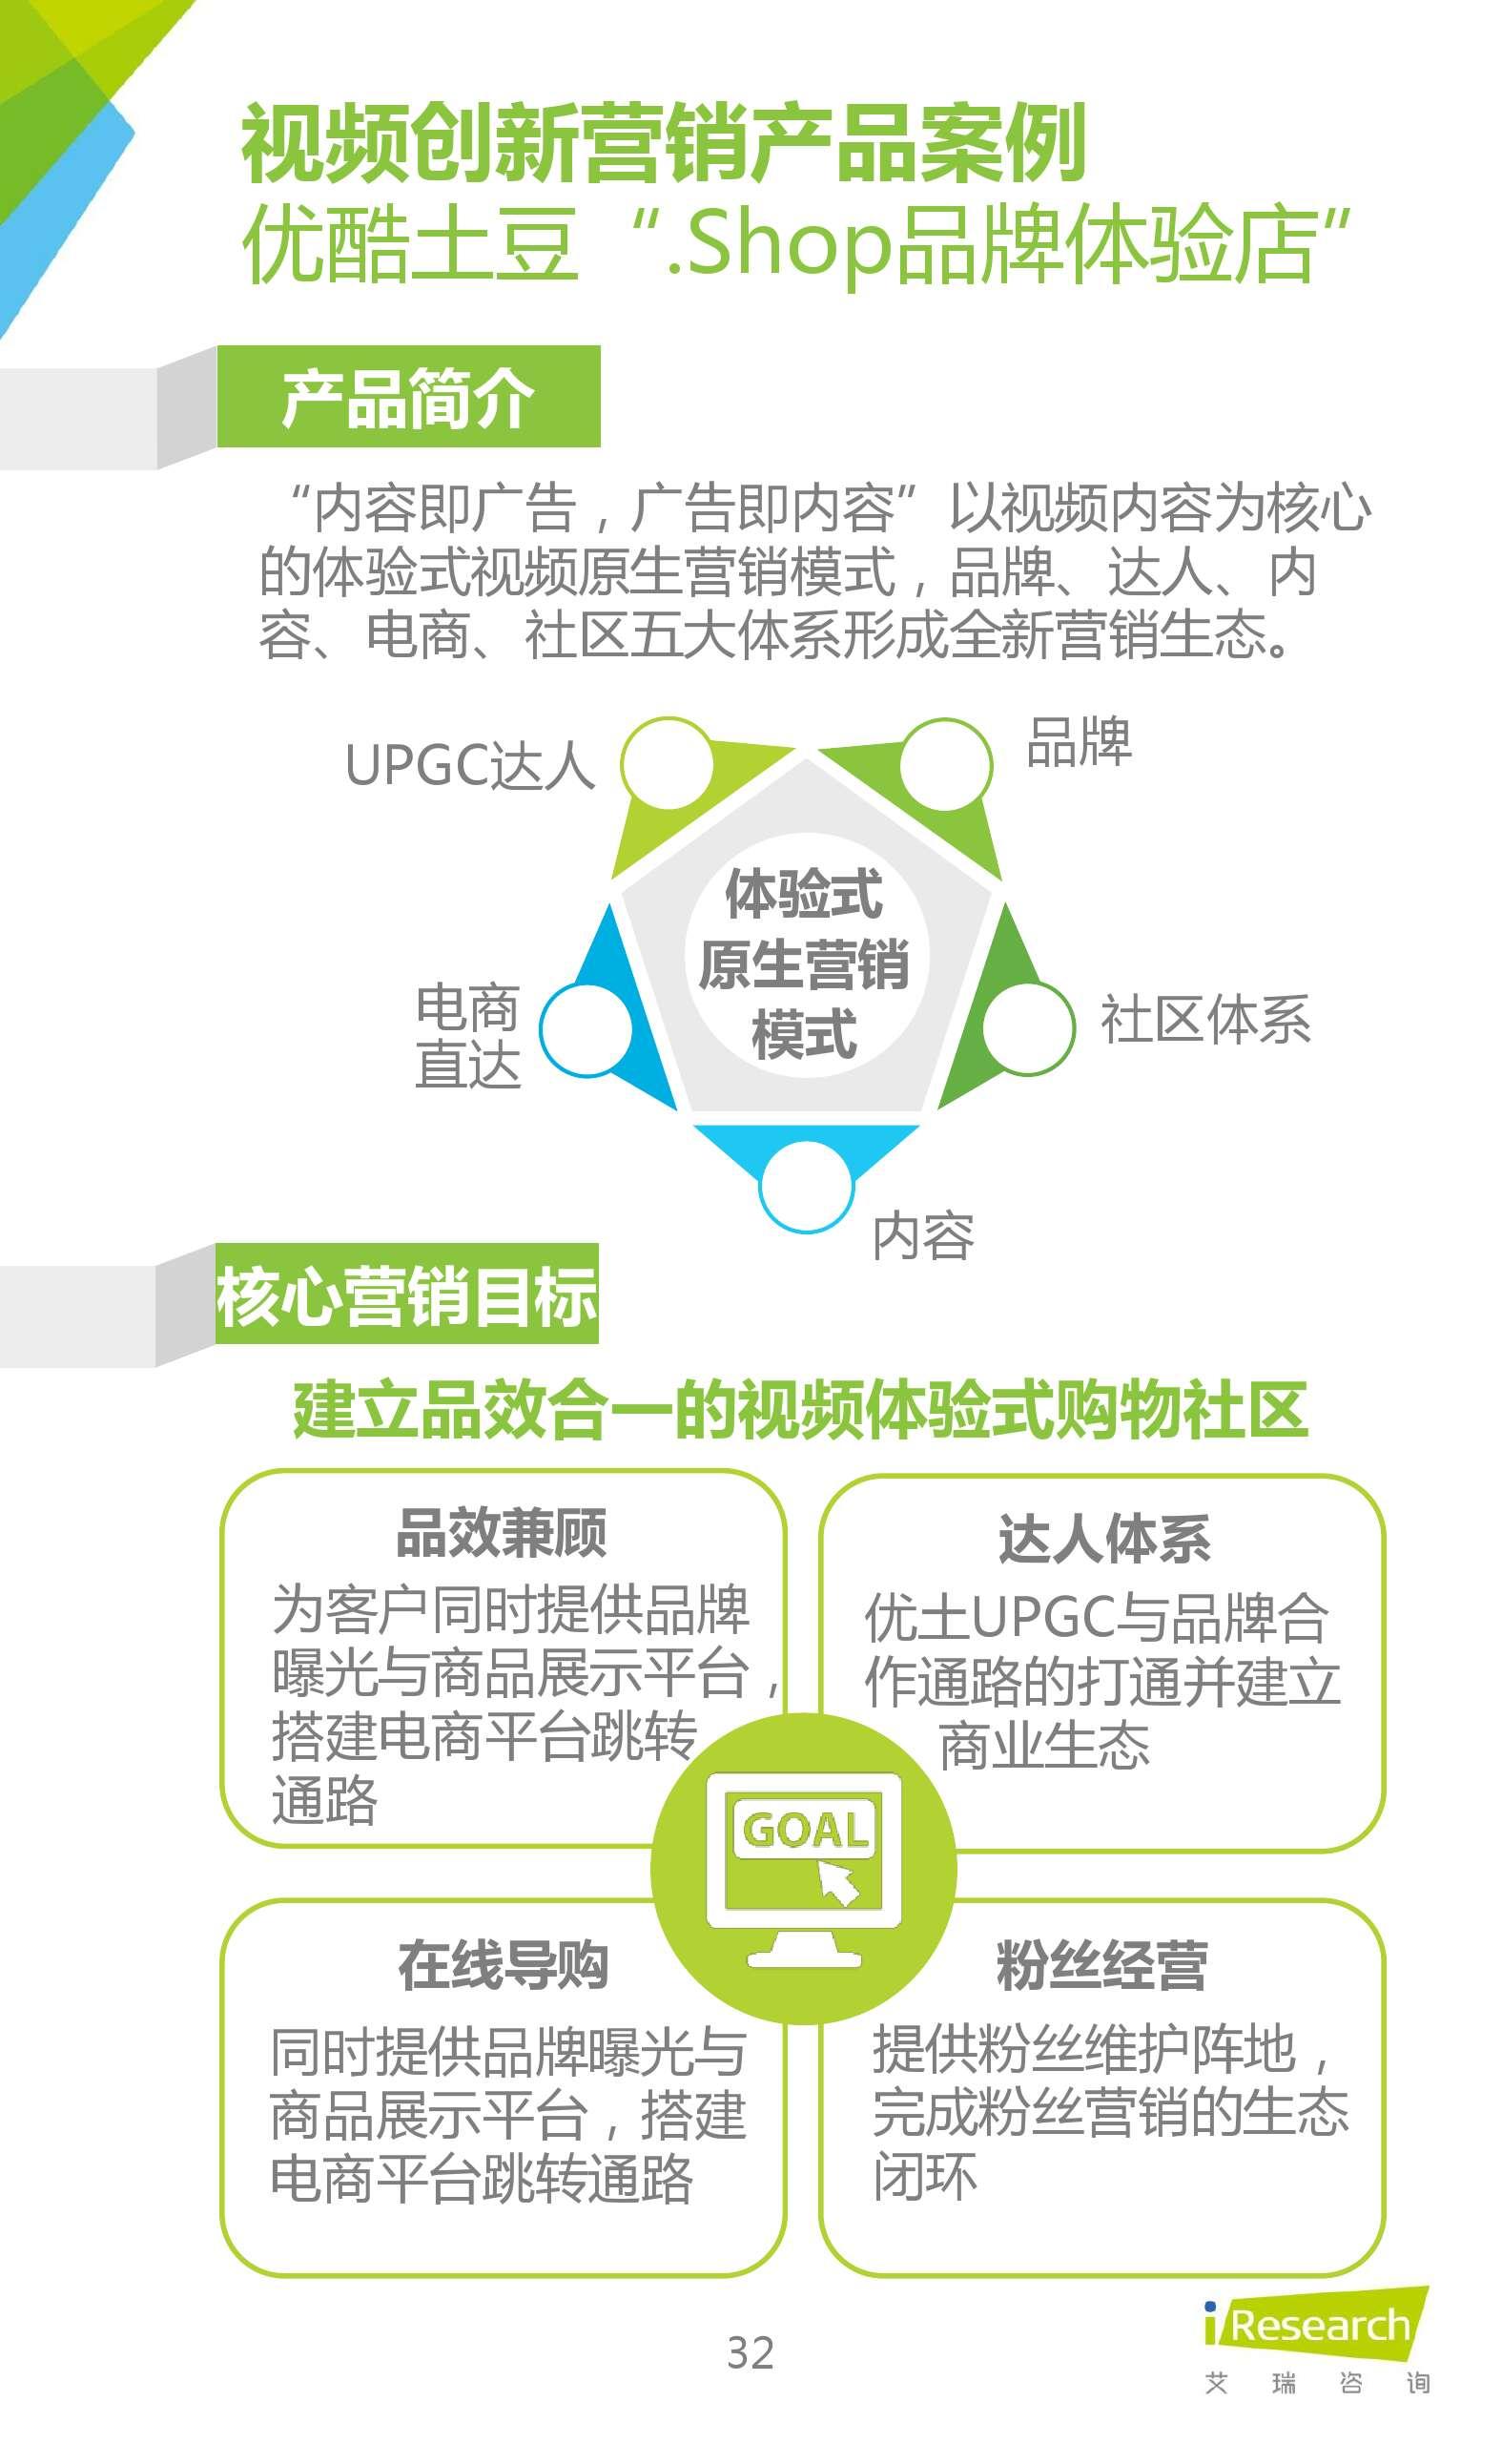 2016年中国在线视频企业创新营销研究_000032